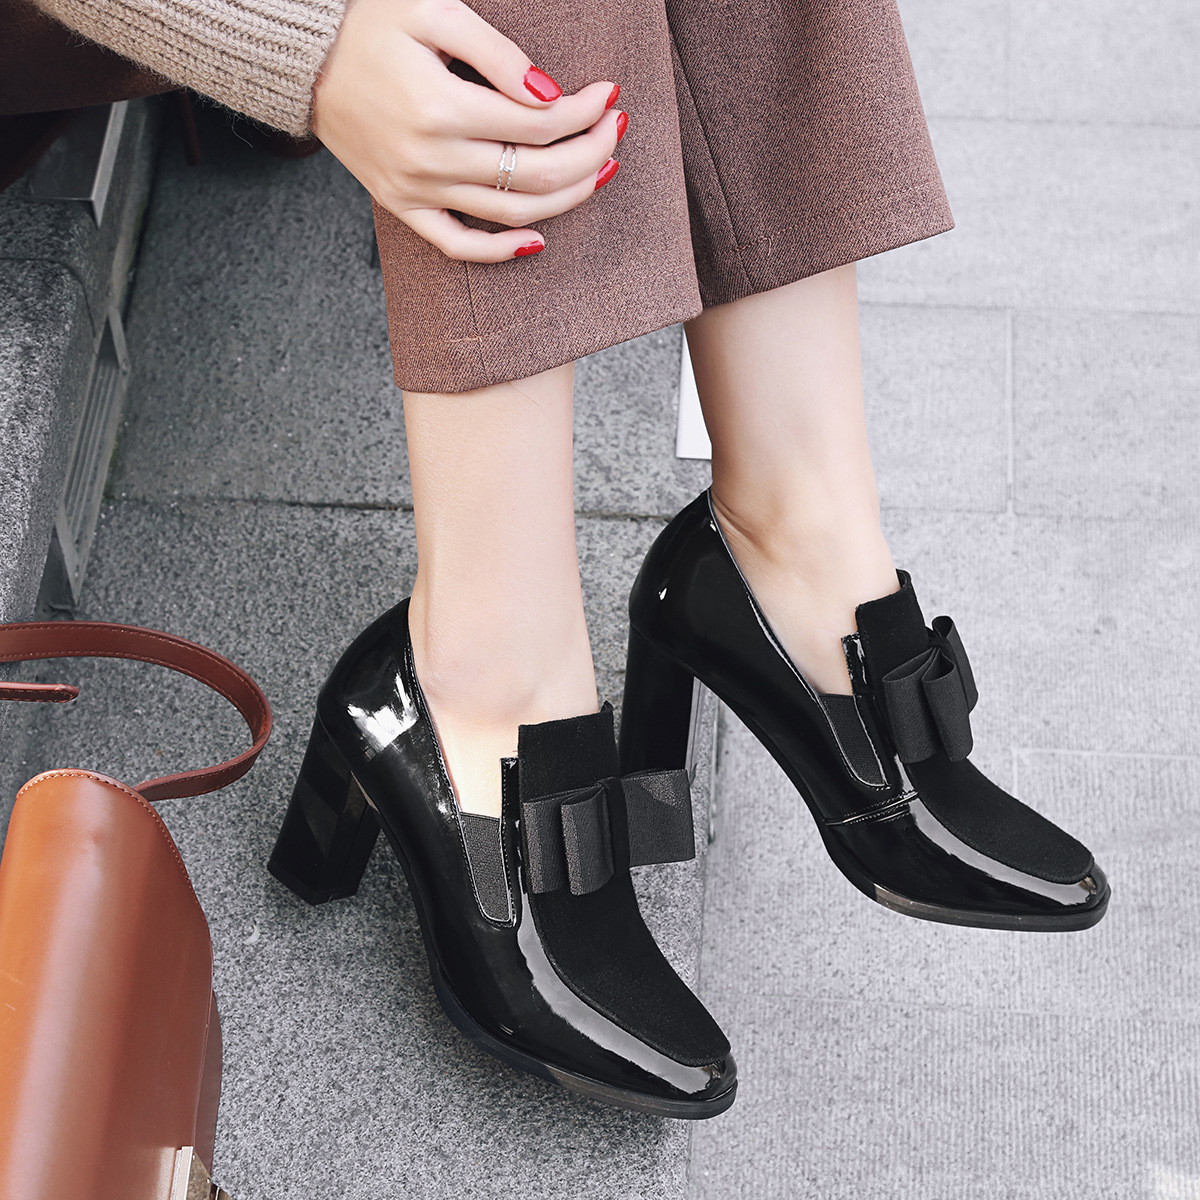 en soldes 3f406 cf69c Femmes En Véritable Talons Chaussures Inférieure Dames Femme ...